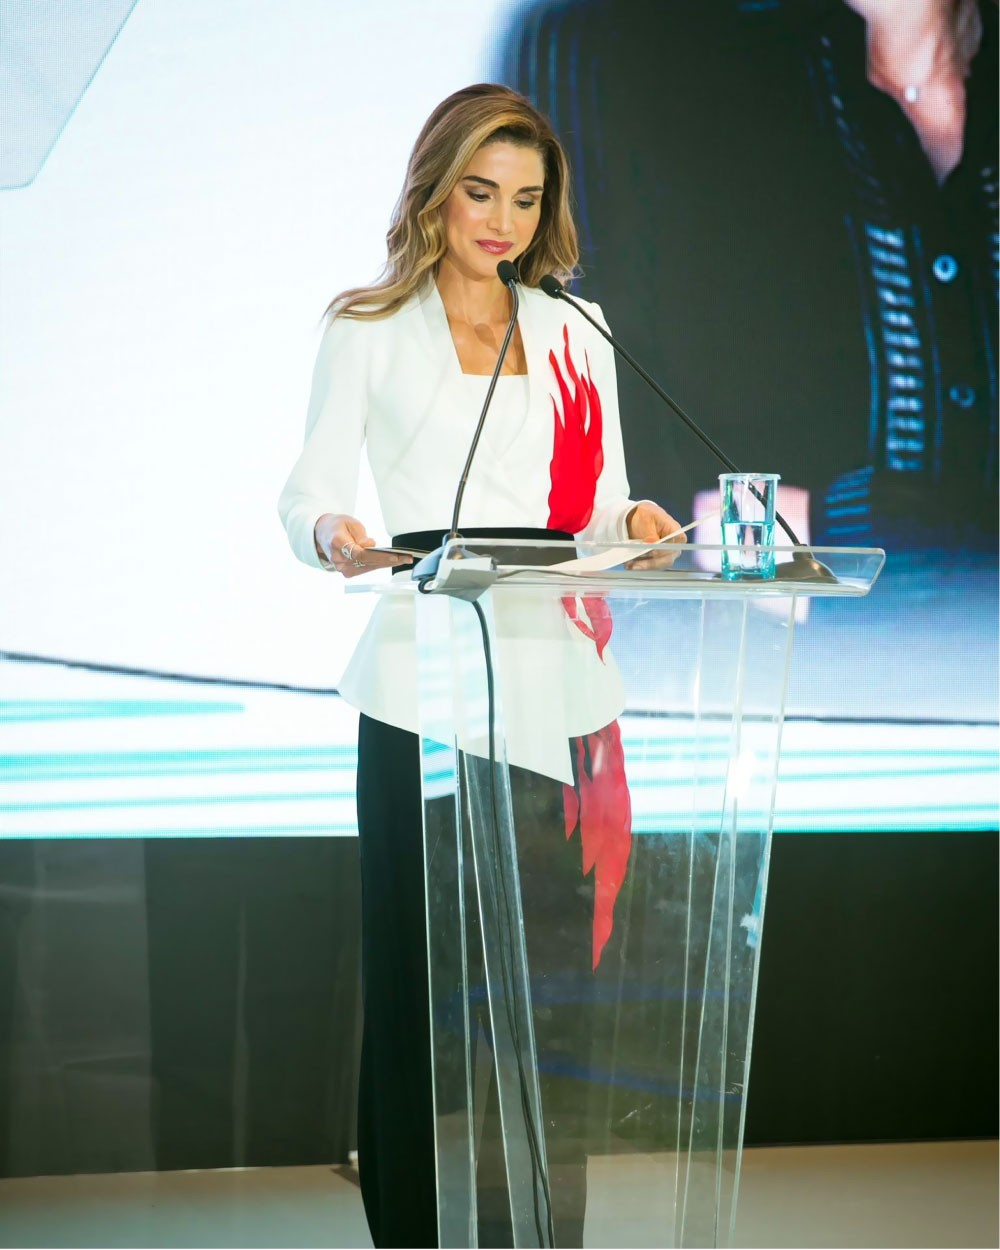 الملكة رانيا تلفت الأنظار في الصين